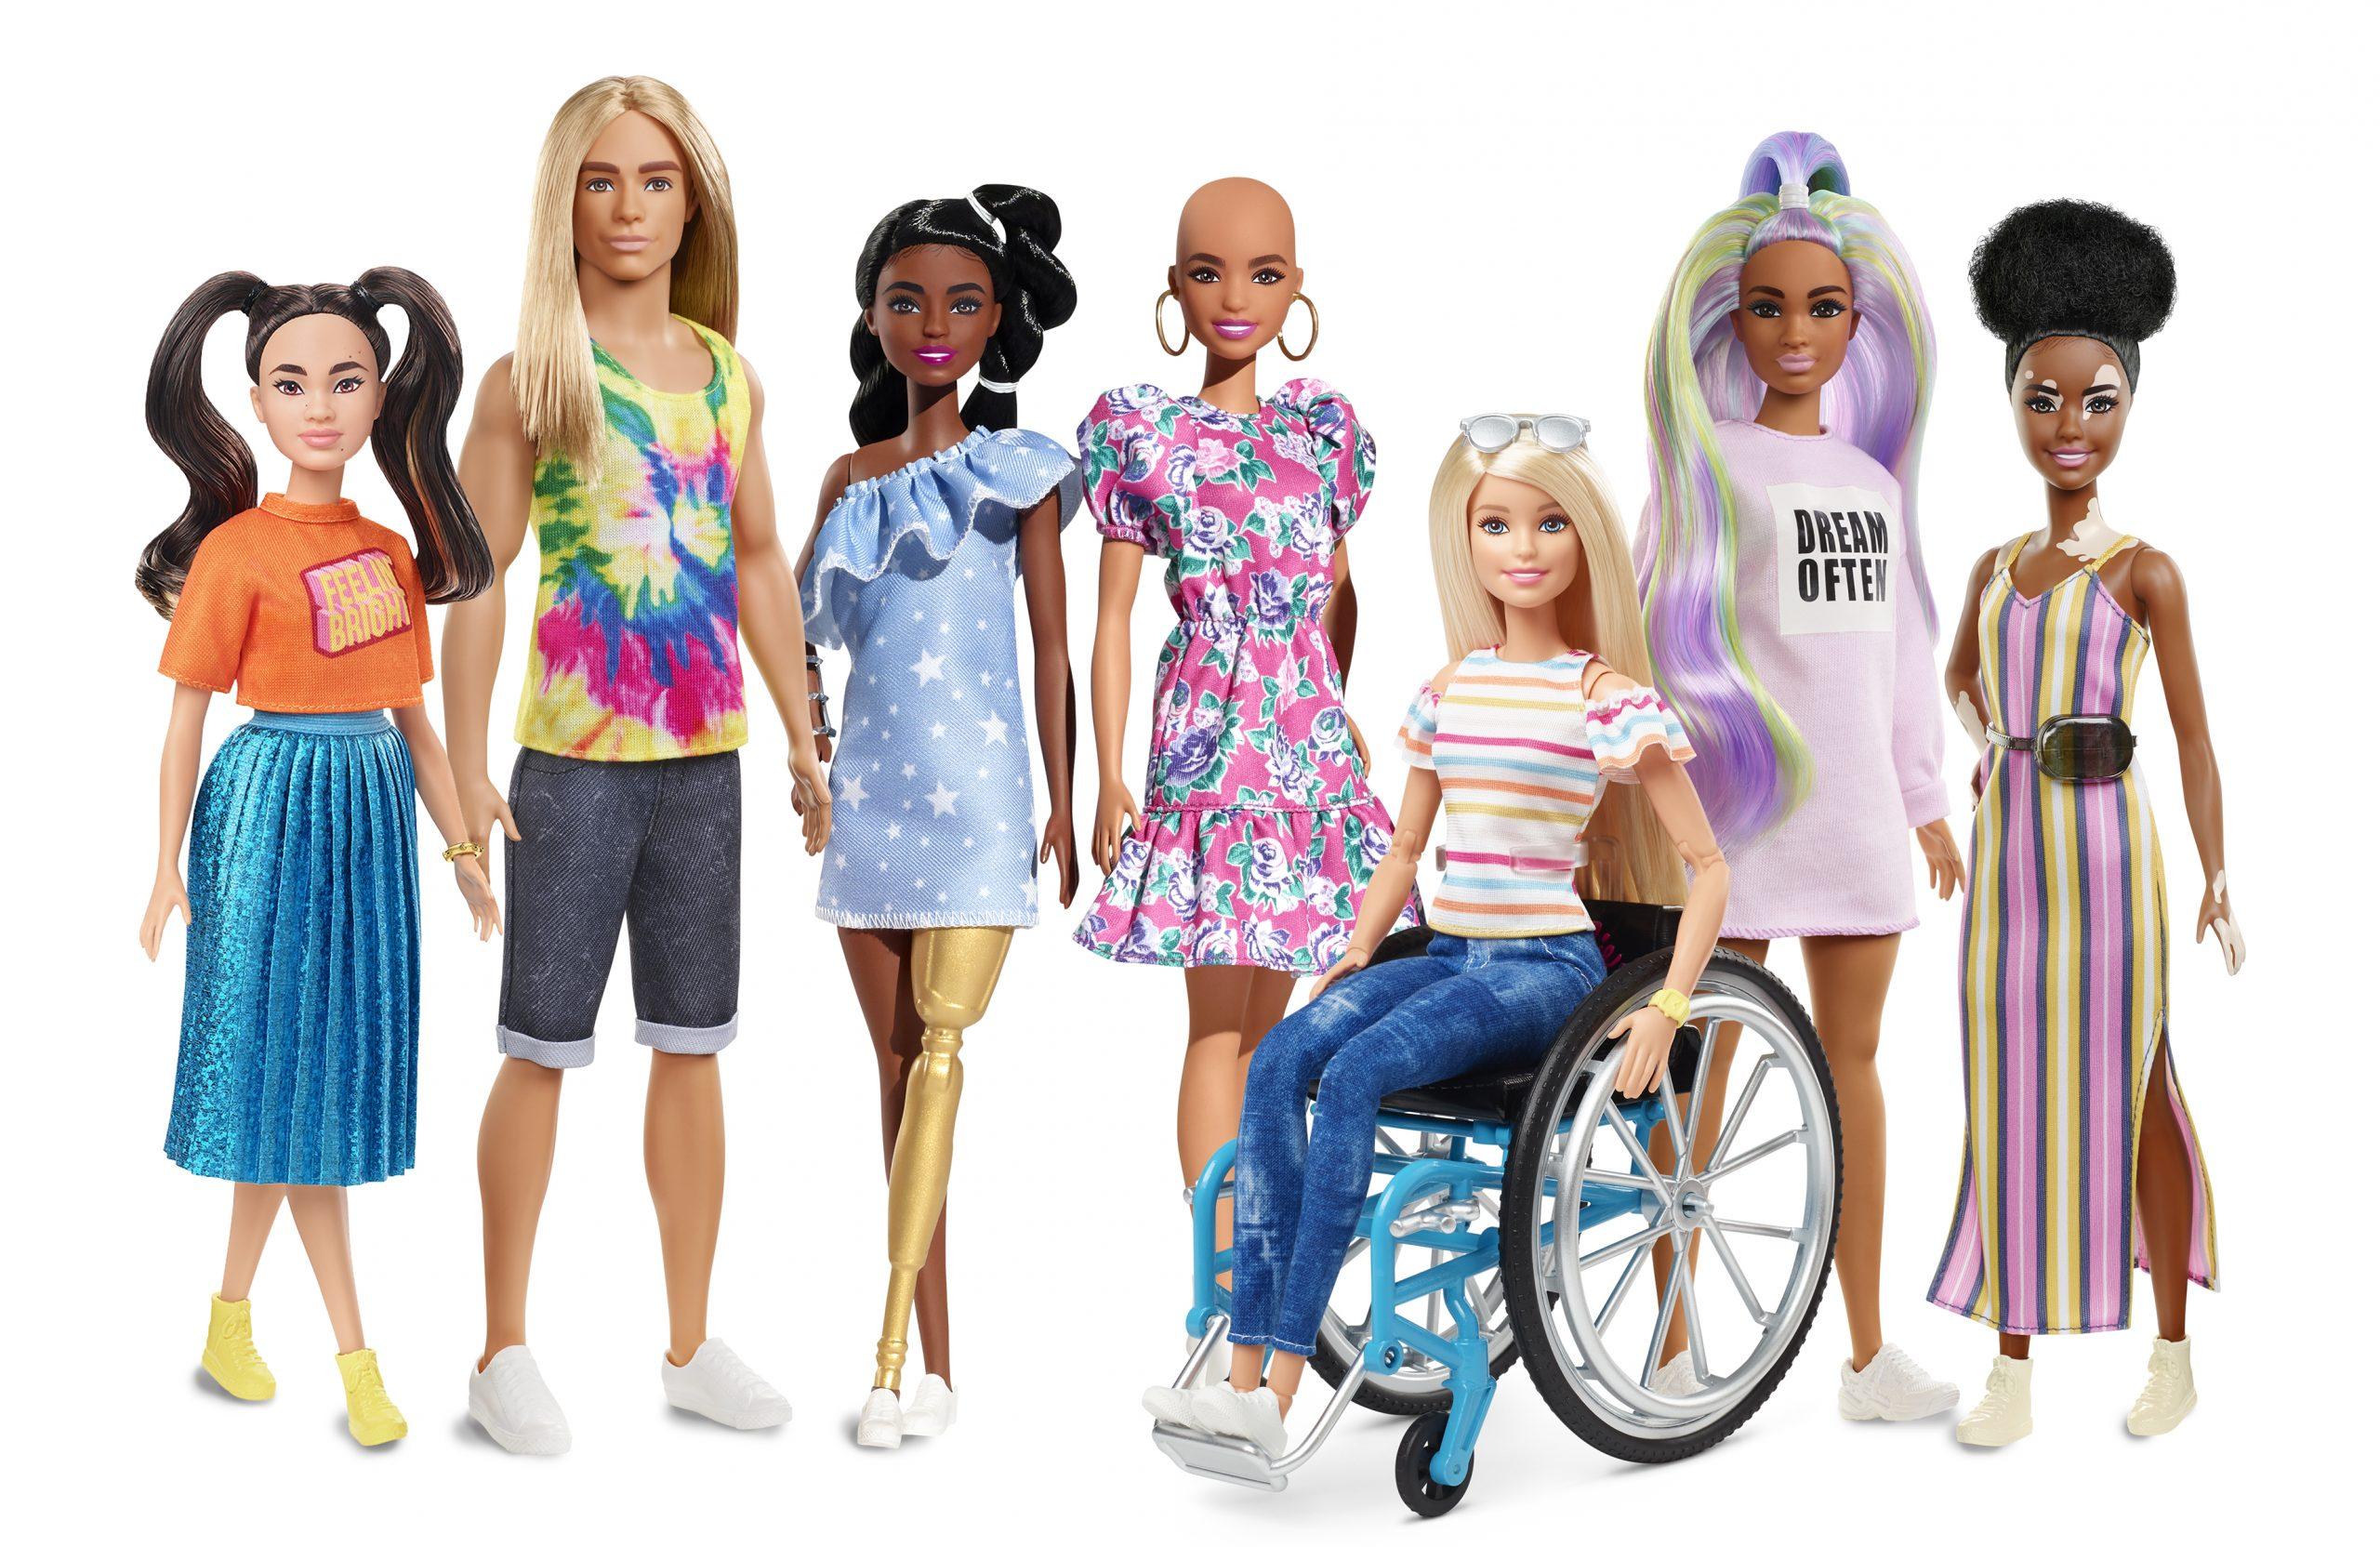 H Barbie προάγει τη διαφορετικότητα